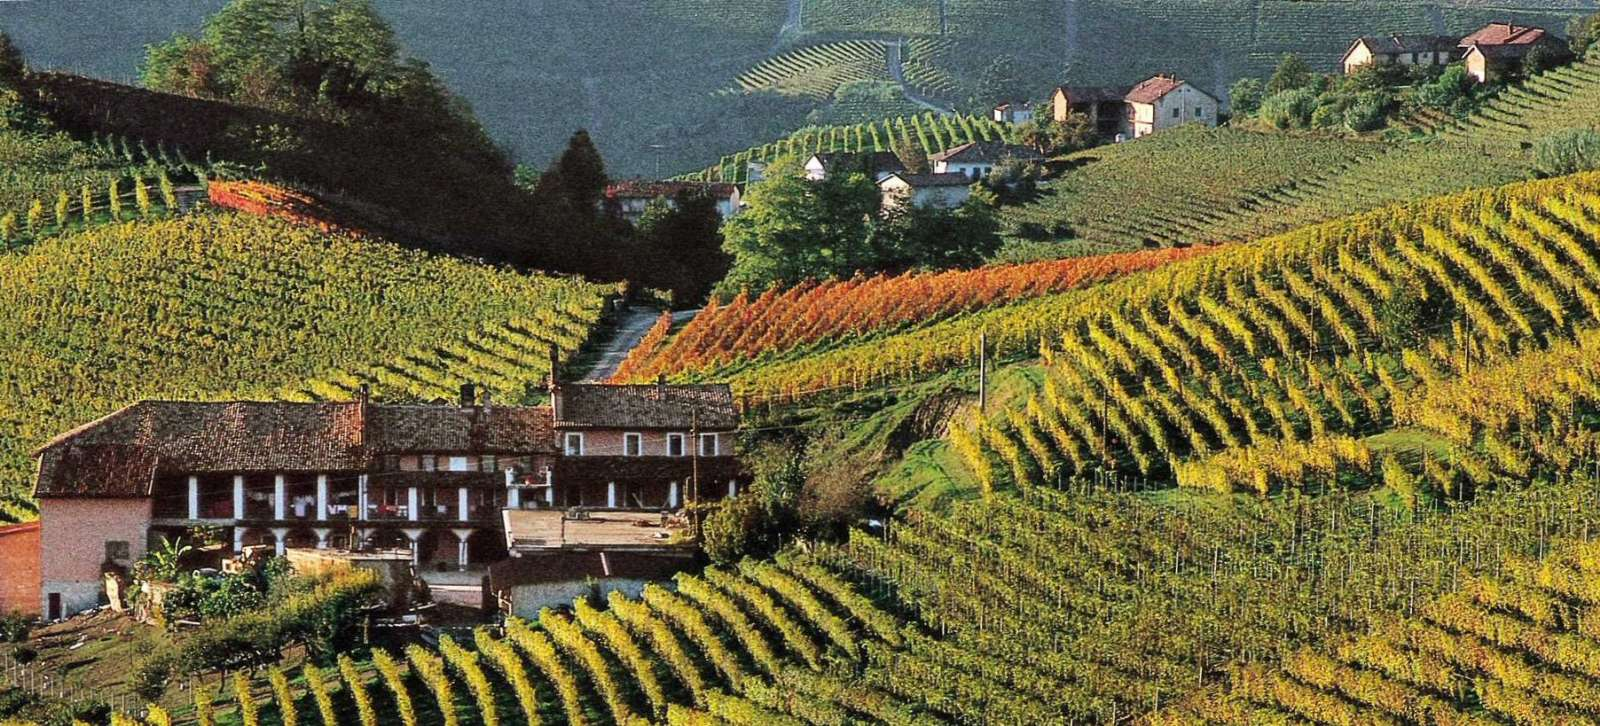 Piemontes bølgende vinmarker